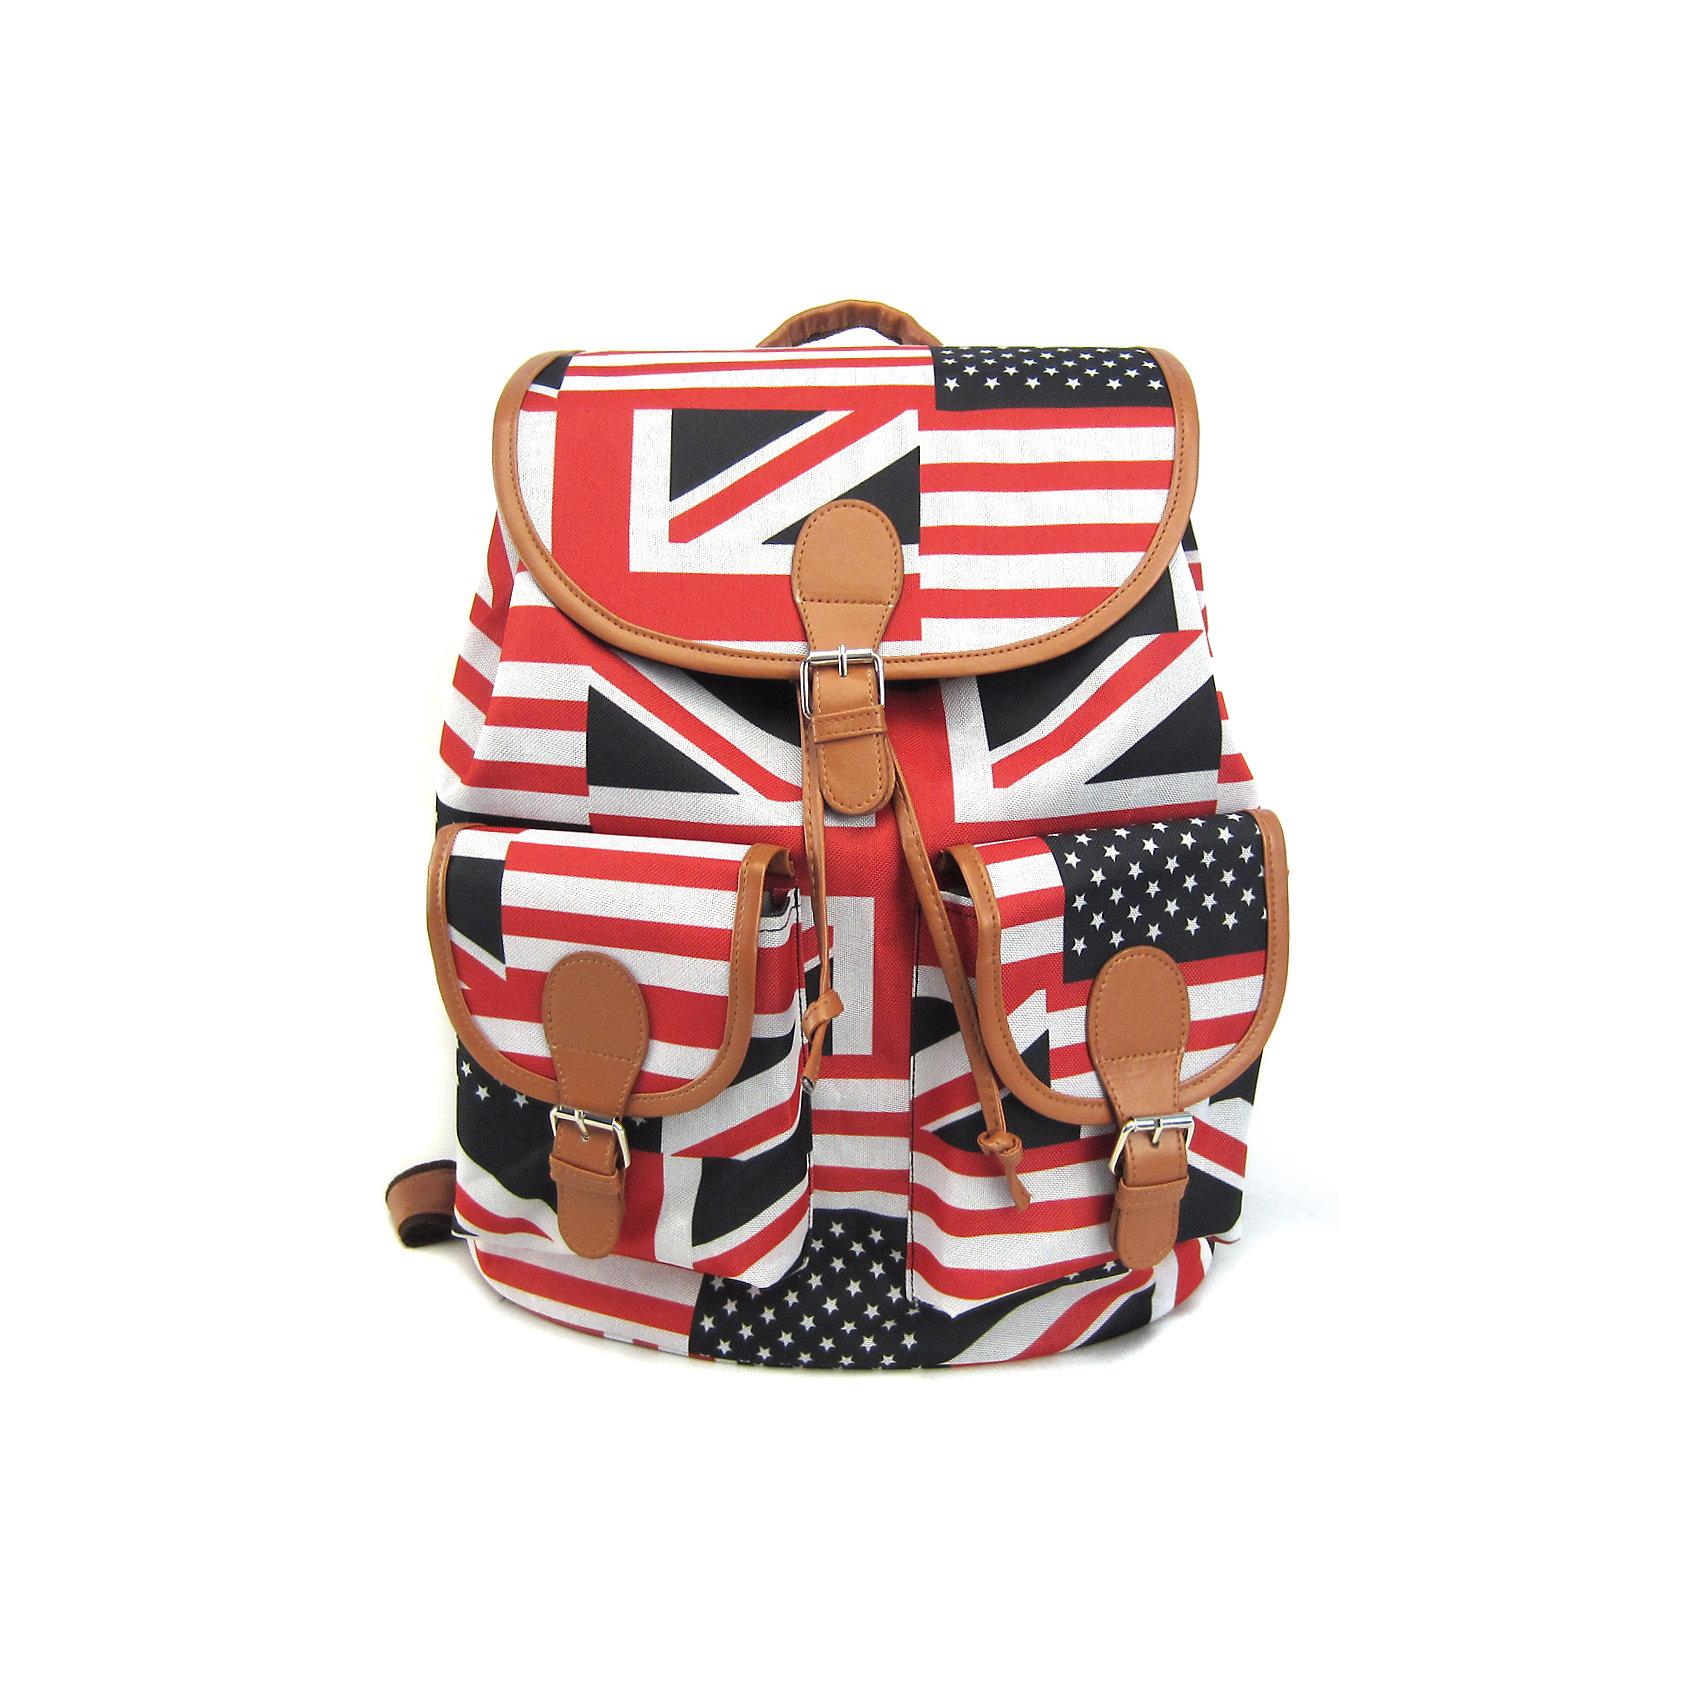 Рюкзак British Flag с 2-мя карманами, цвет мультиЭта красно-бело-черная расцветка – на пике популярности уже не первый сезон! С таким стильным и удобным рюкзаком его владелица точно не останется незамеченной, даже в суете большого города! Этот аксессуар органично впишется в современный подростковый стиль, а благодаря функциональности и удобству – станет любимым и незаменимым!<br><br>Ширина мм: 39<br>Глубина мм: 35<br>Высота мм: 17<br>Вес г: 500<br>Возраст от месяцев: 120<br>Возраст до месяцев: 420<br>Пол: Унисекс<br>Возраст: Детский<br>SKU: 5344316